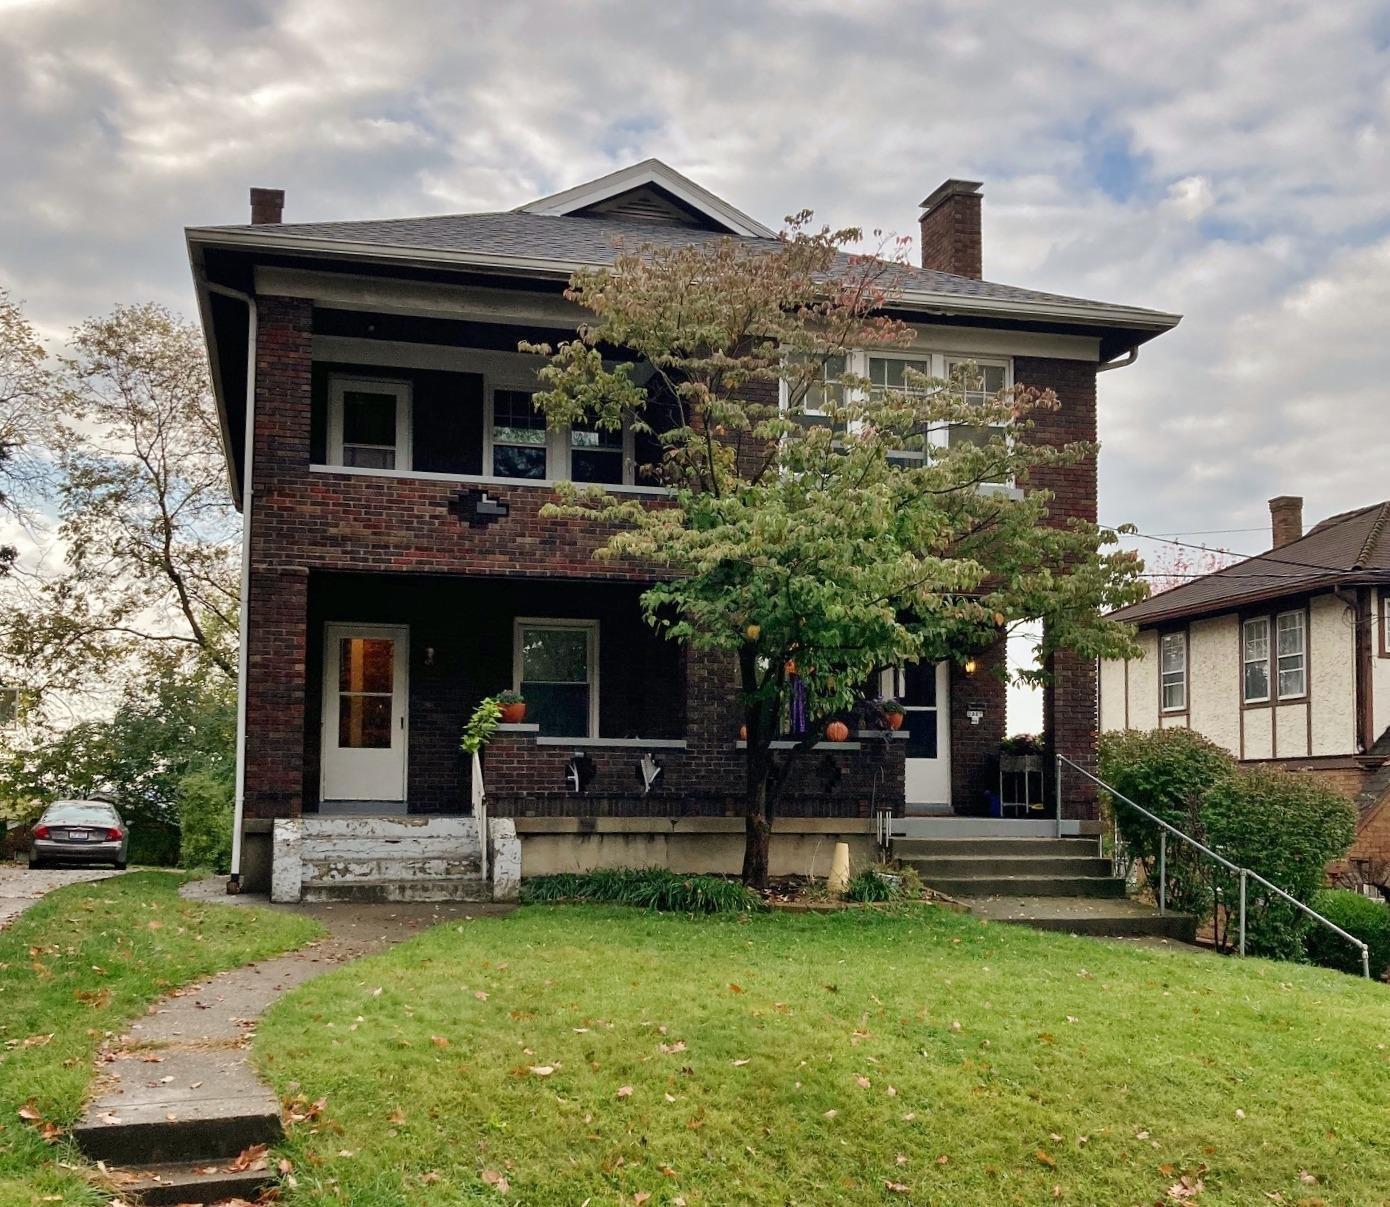 Property for sale at 2327 Sherwood, Norwood,  Ohio 45212